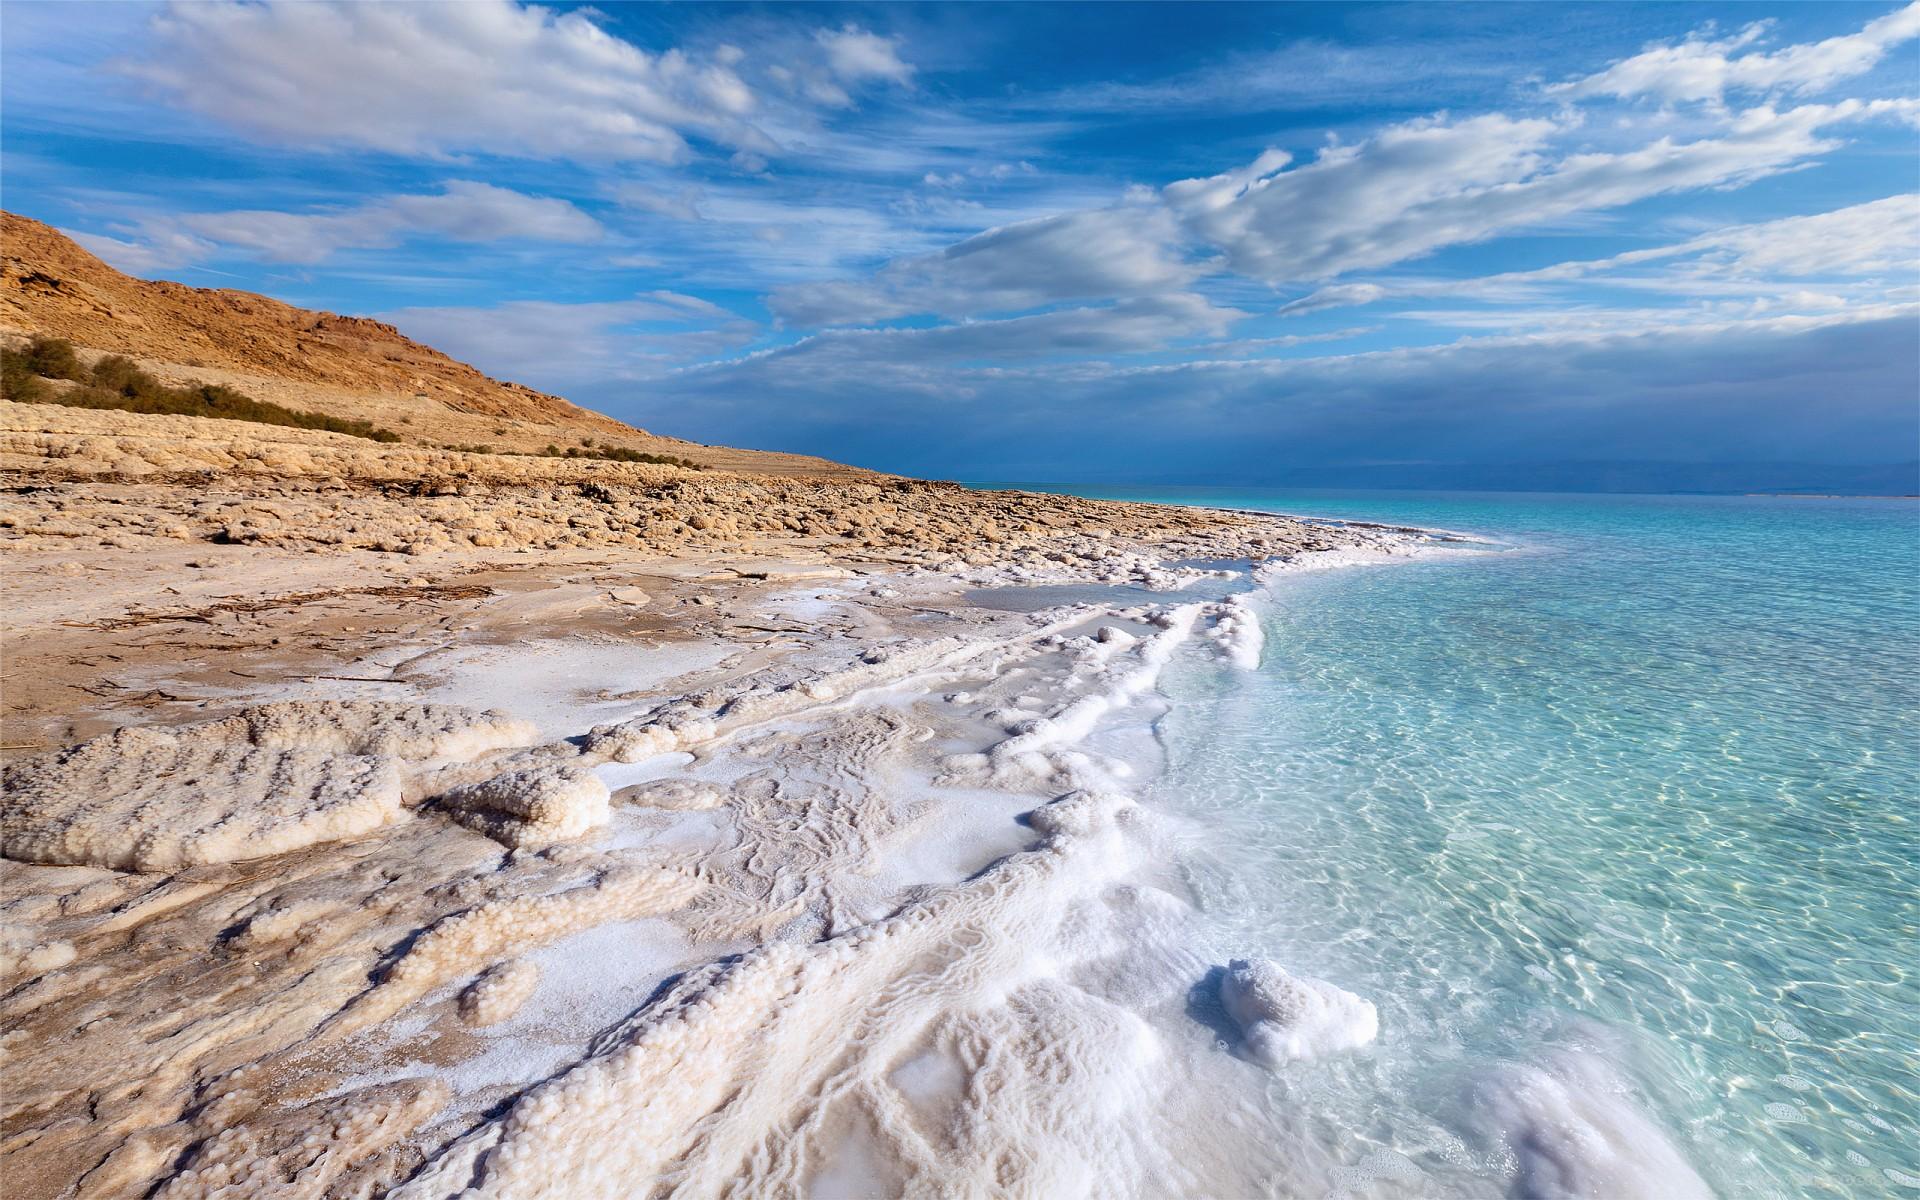 12:30 - 16:30 Dead Sea